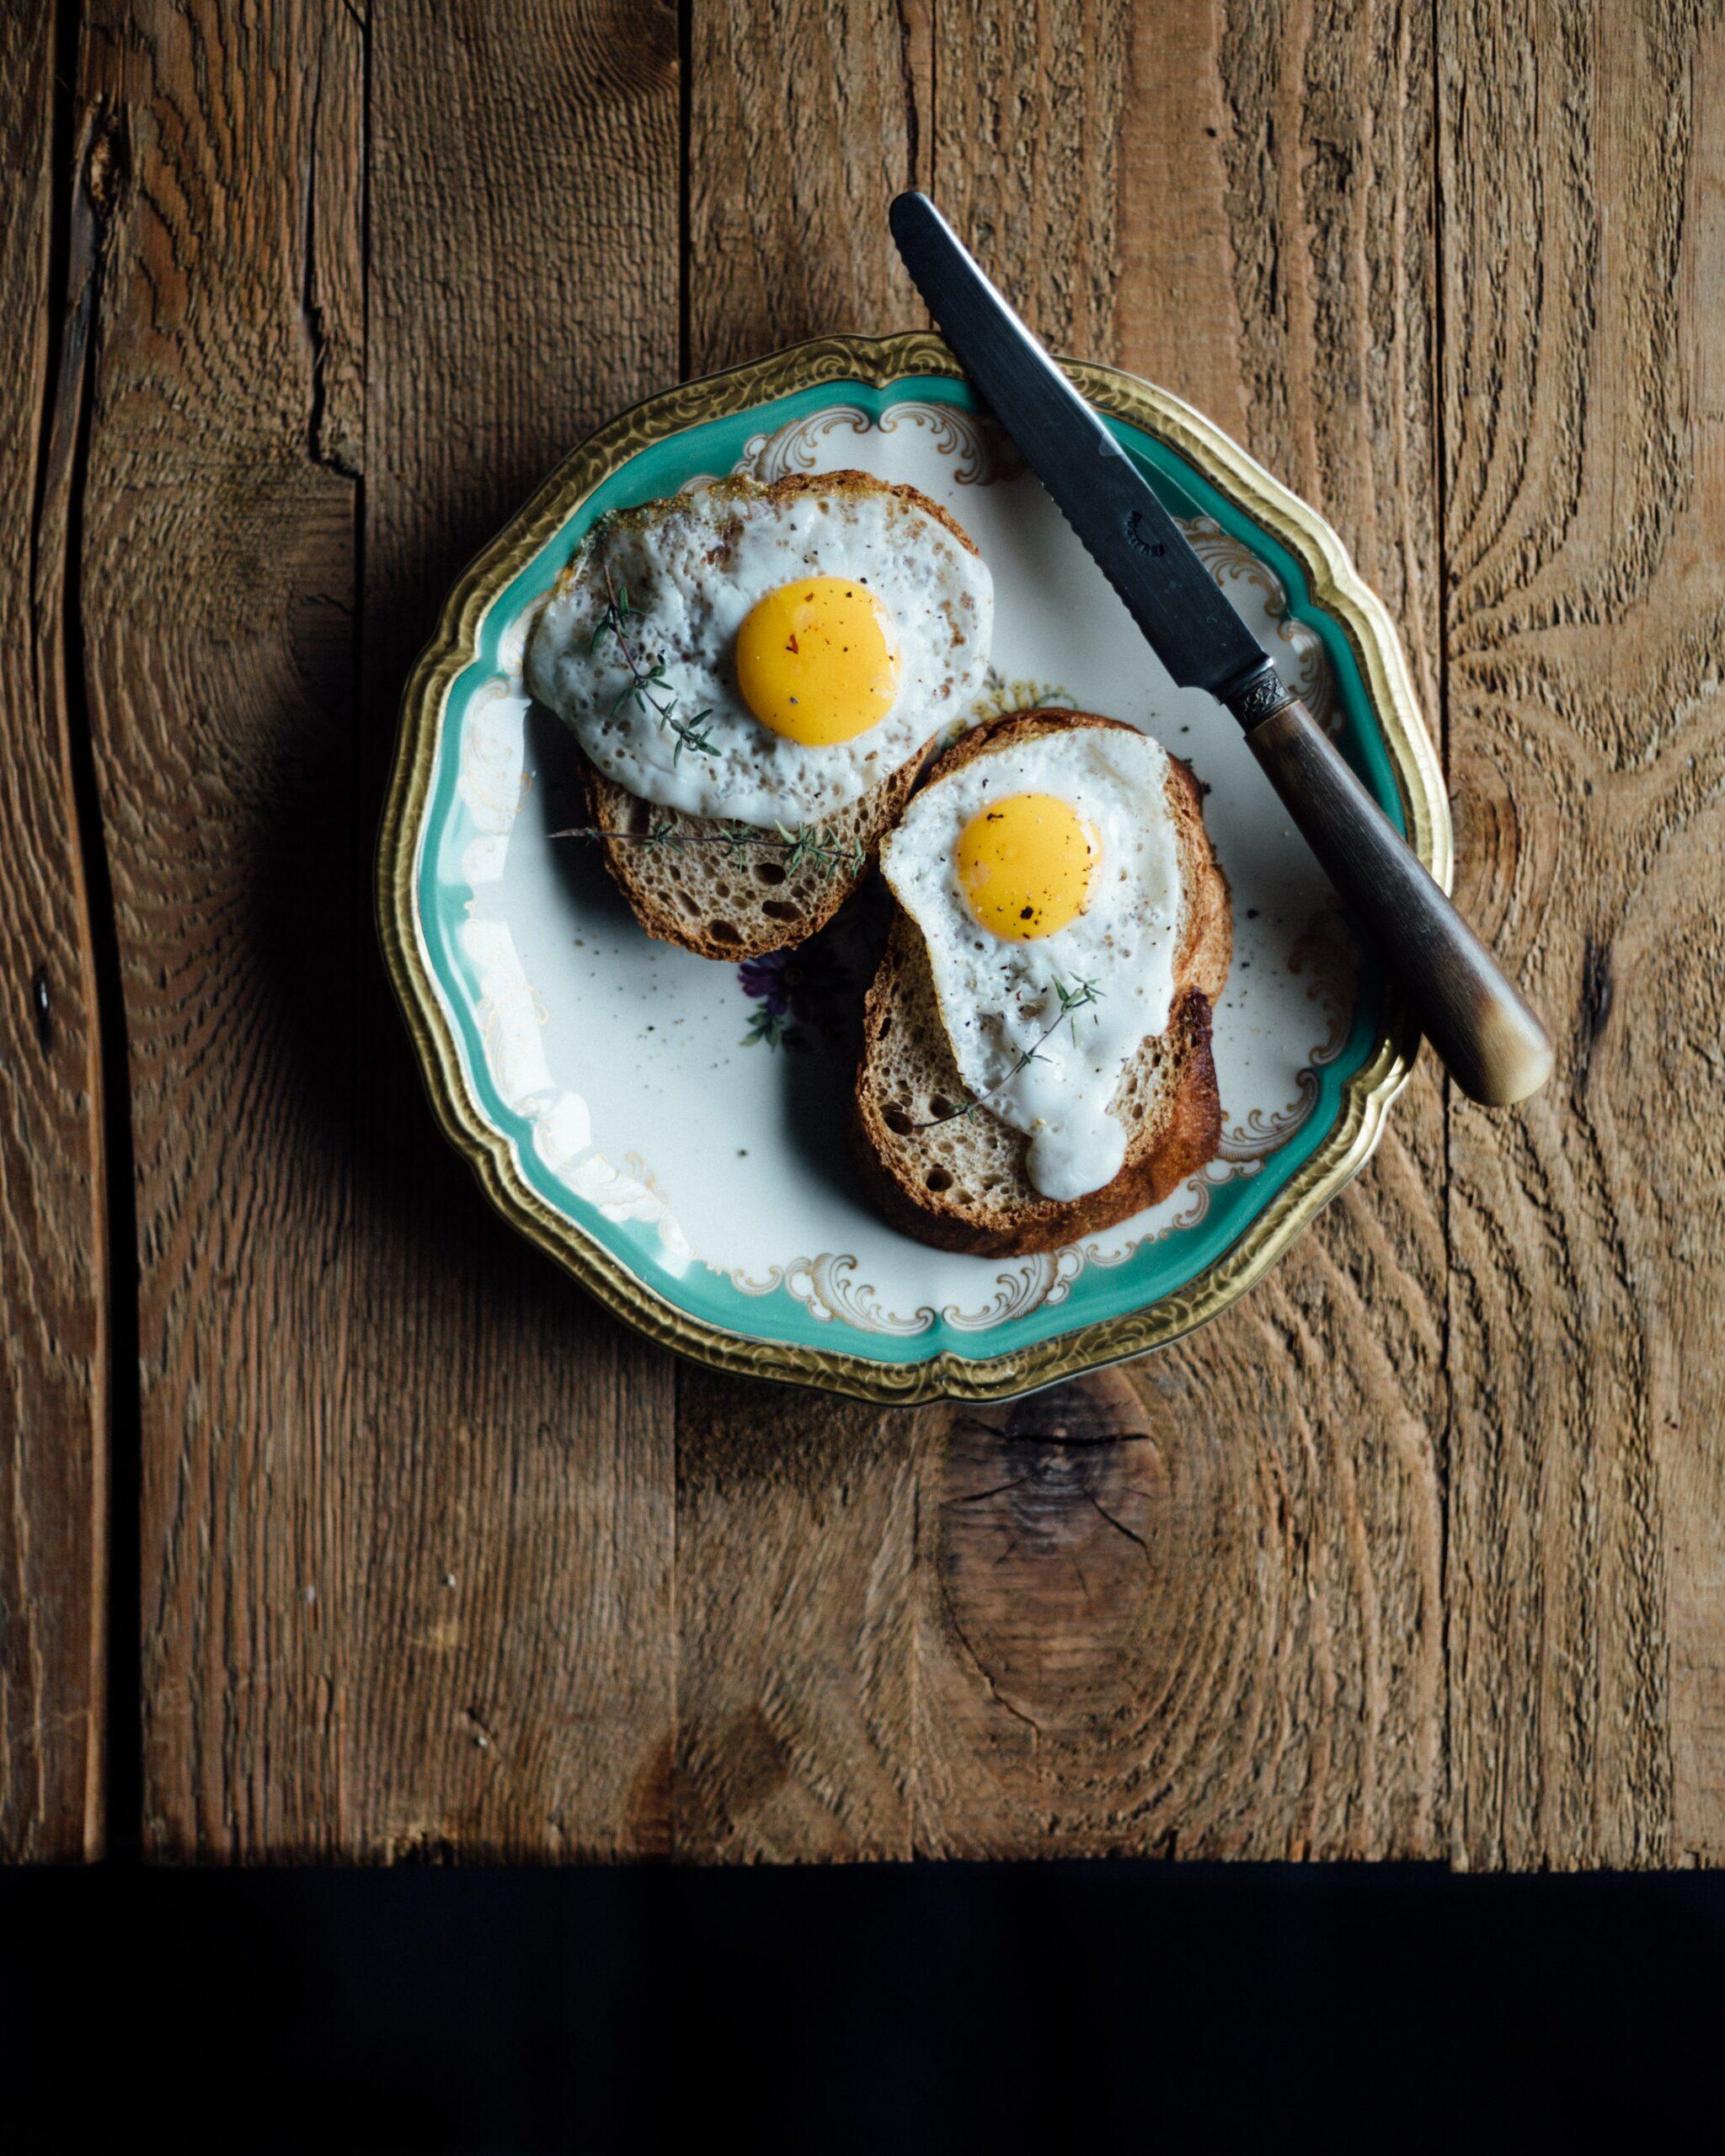 Dopřejte si k obědu po tréninku kuřecí maso a k snídani zvolte vejce. A volte i správné doplňky stravy